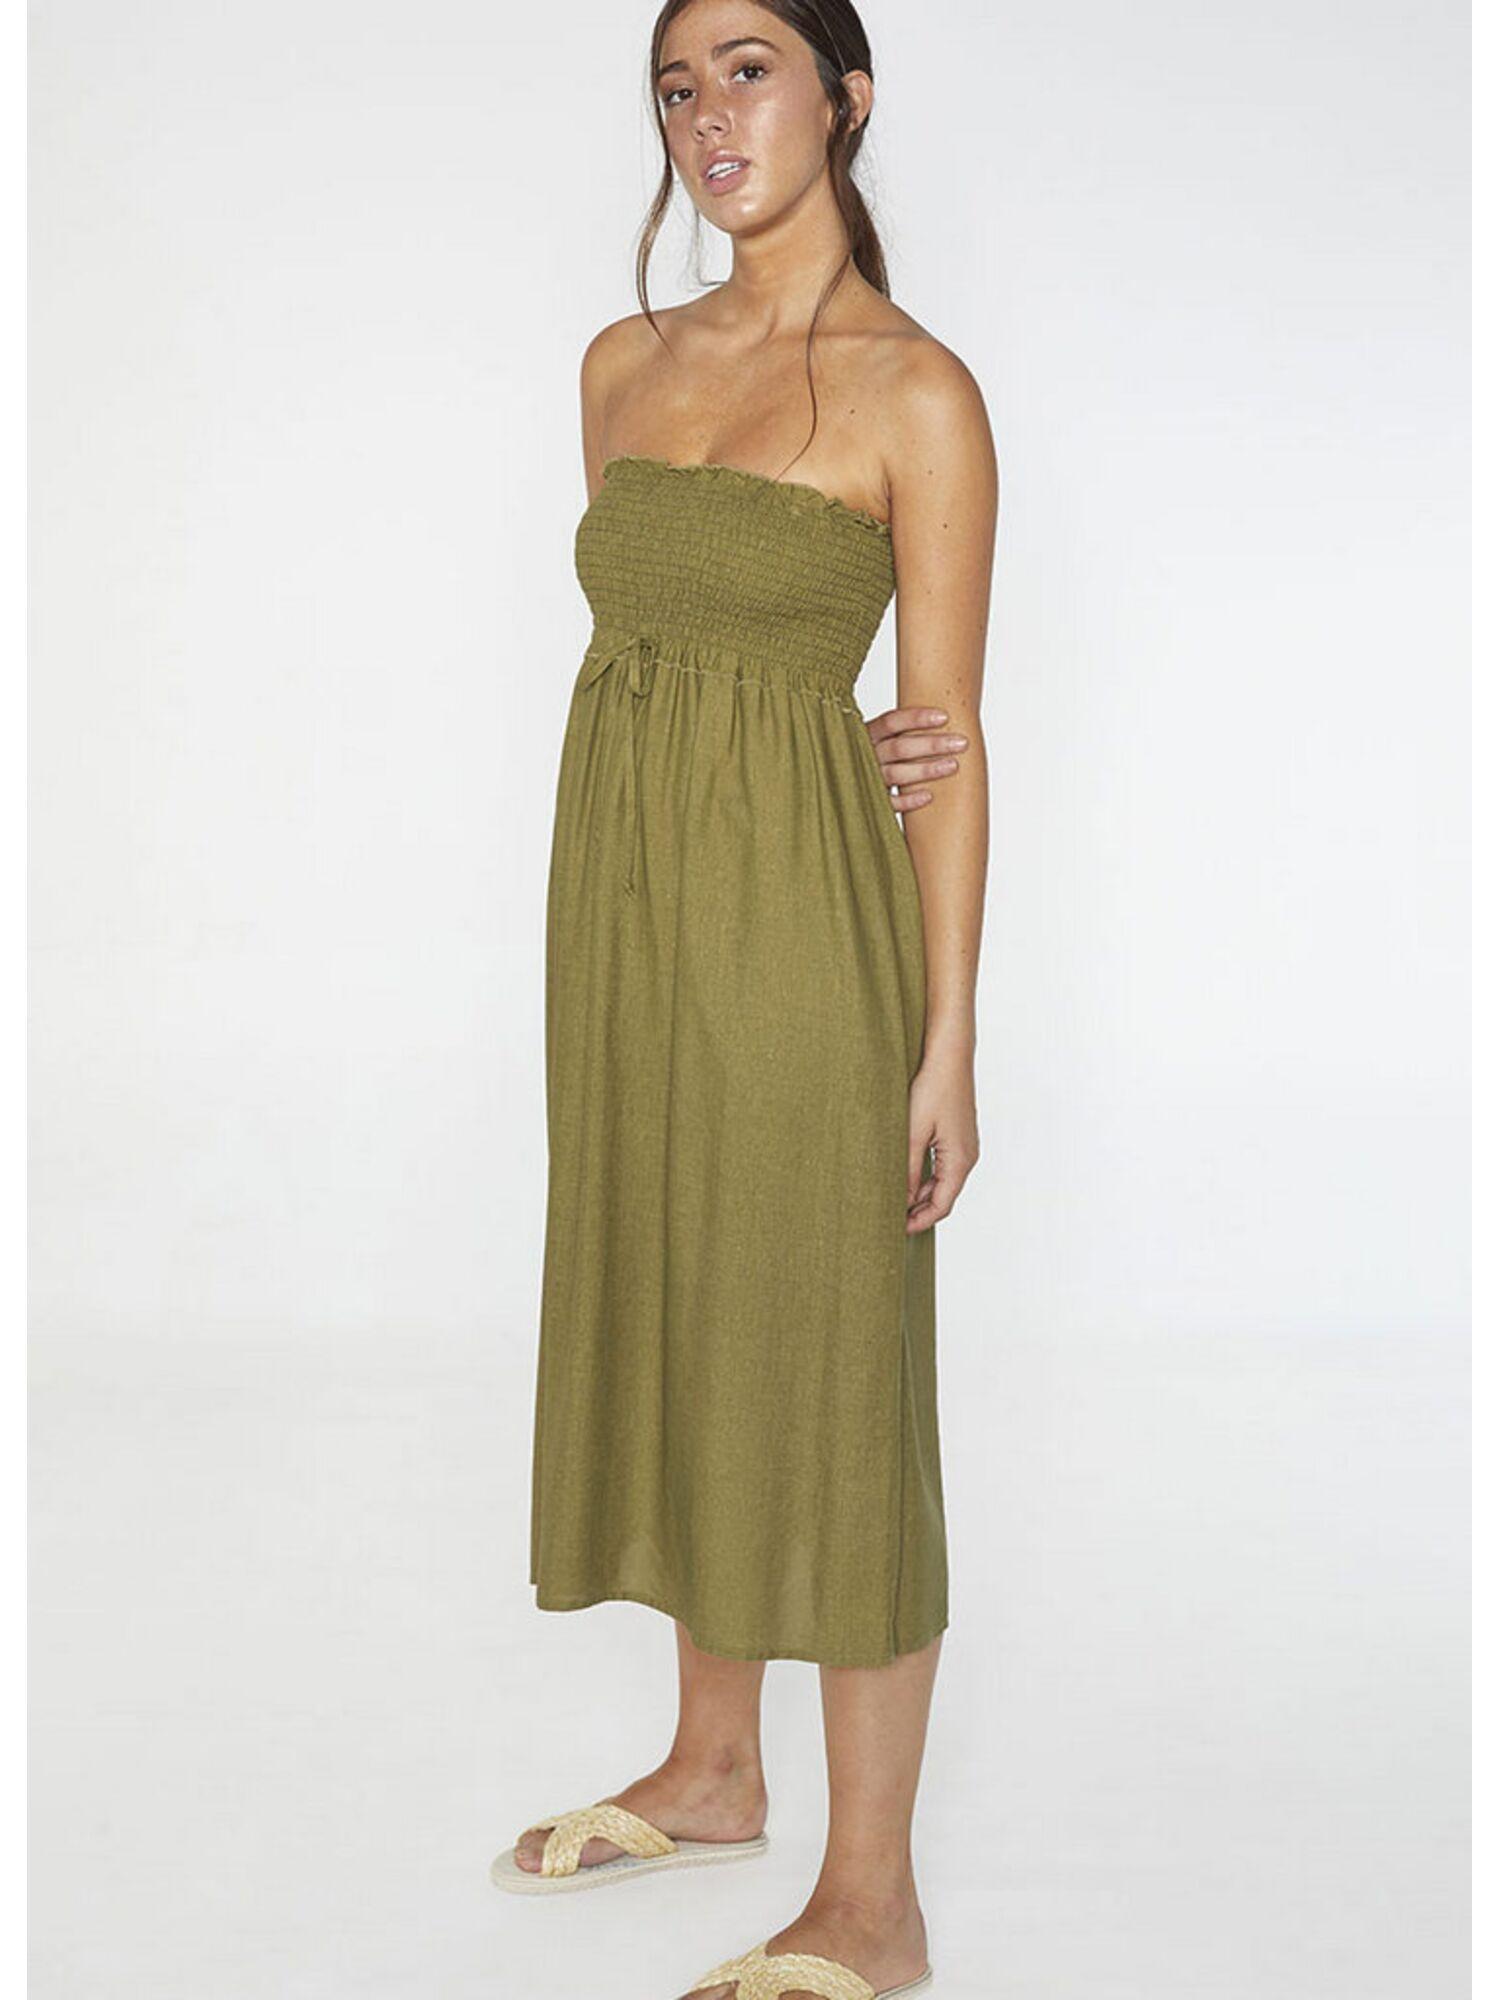 Женское платье пляжное из вискозы 85707 зеленый, Ysabel Mora (Испания)